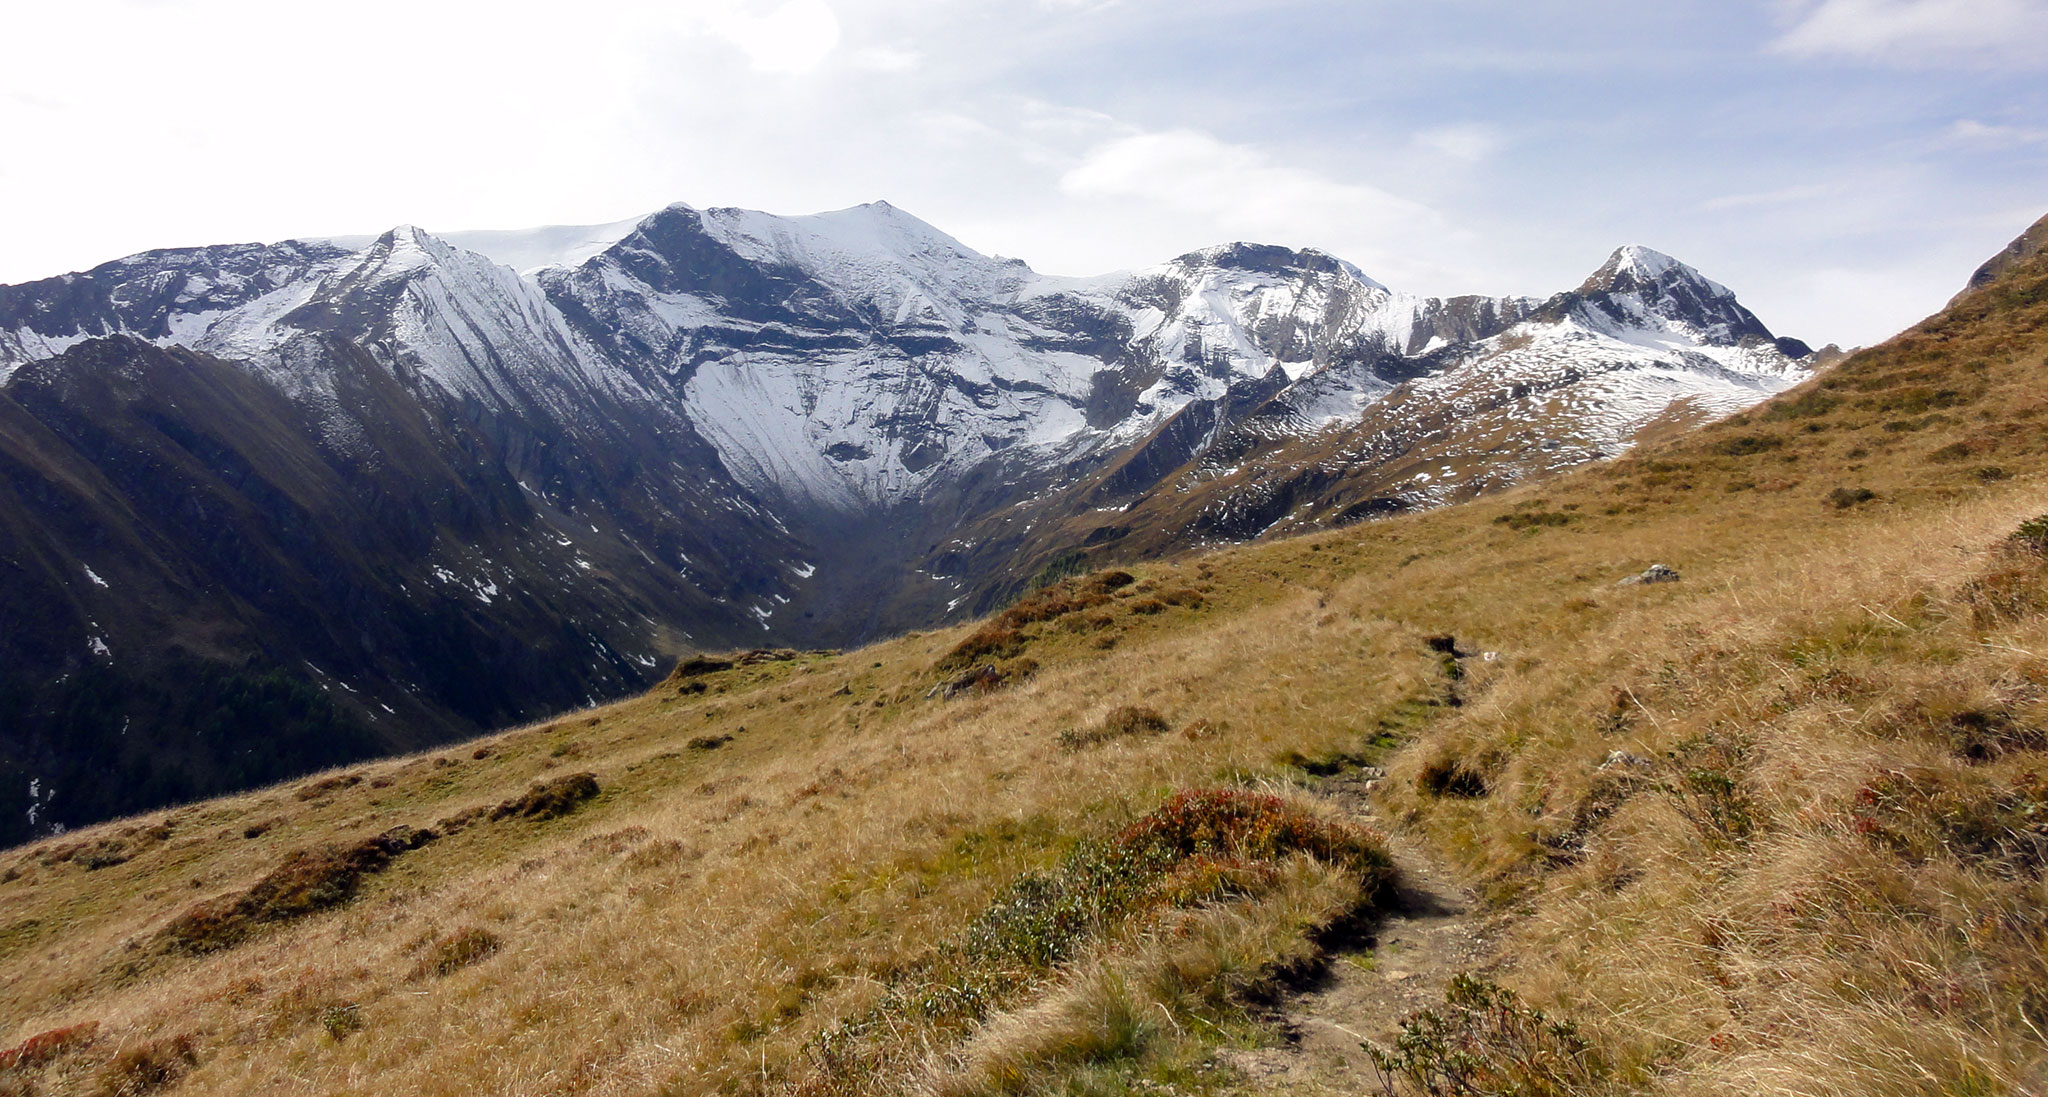 Arnoweg: Hoher Tenn (3368 m), Bauernbrach- & Kempsenkopf & Spitzbrett über der Gleiwitzer Hütte